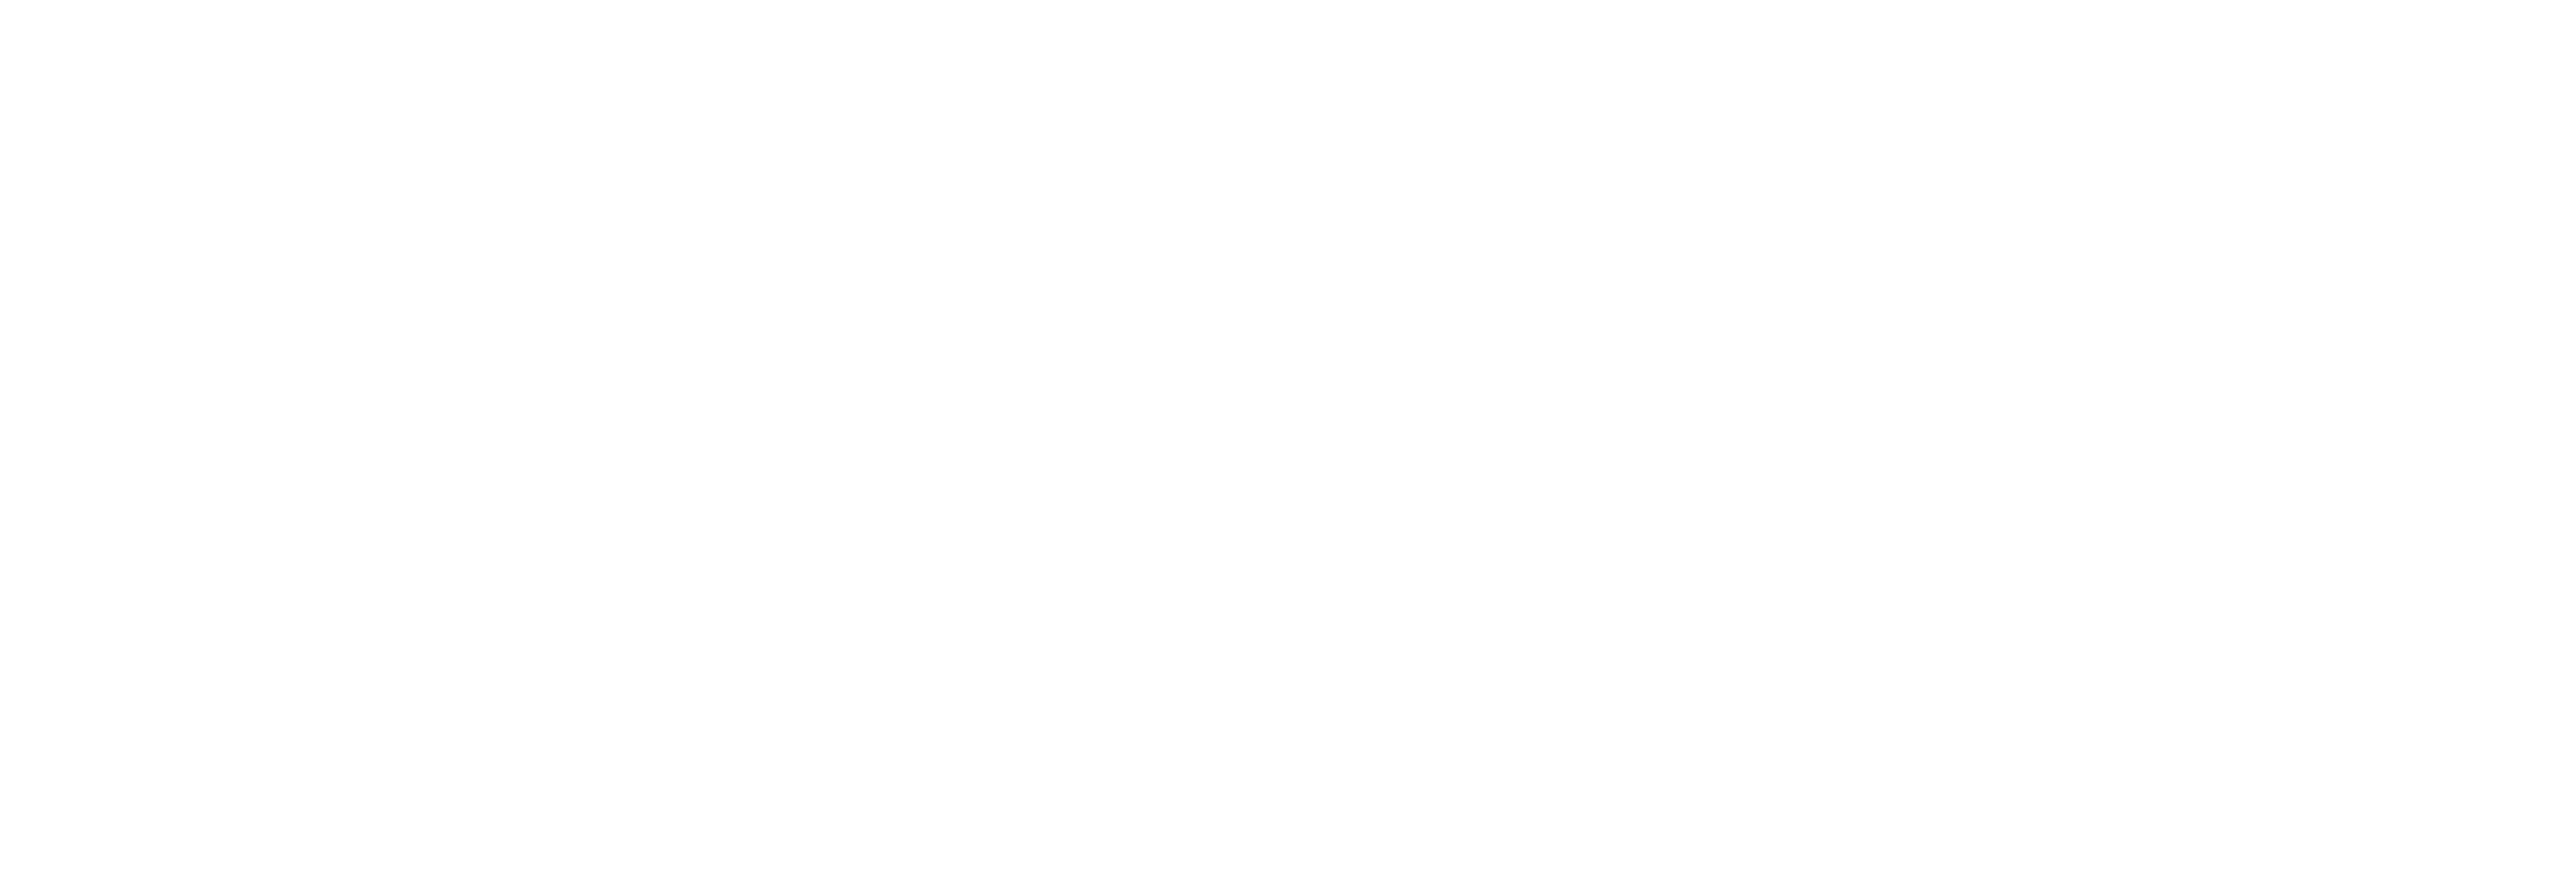 Kompo-tech